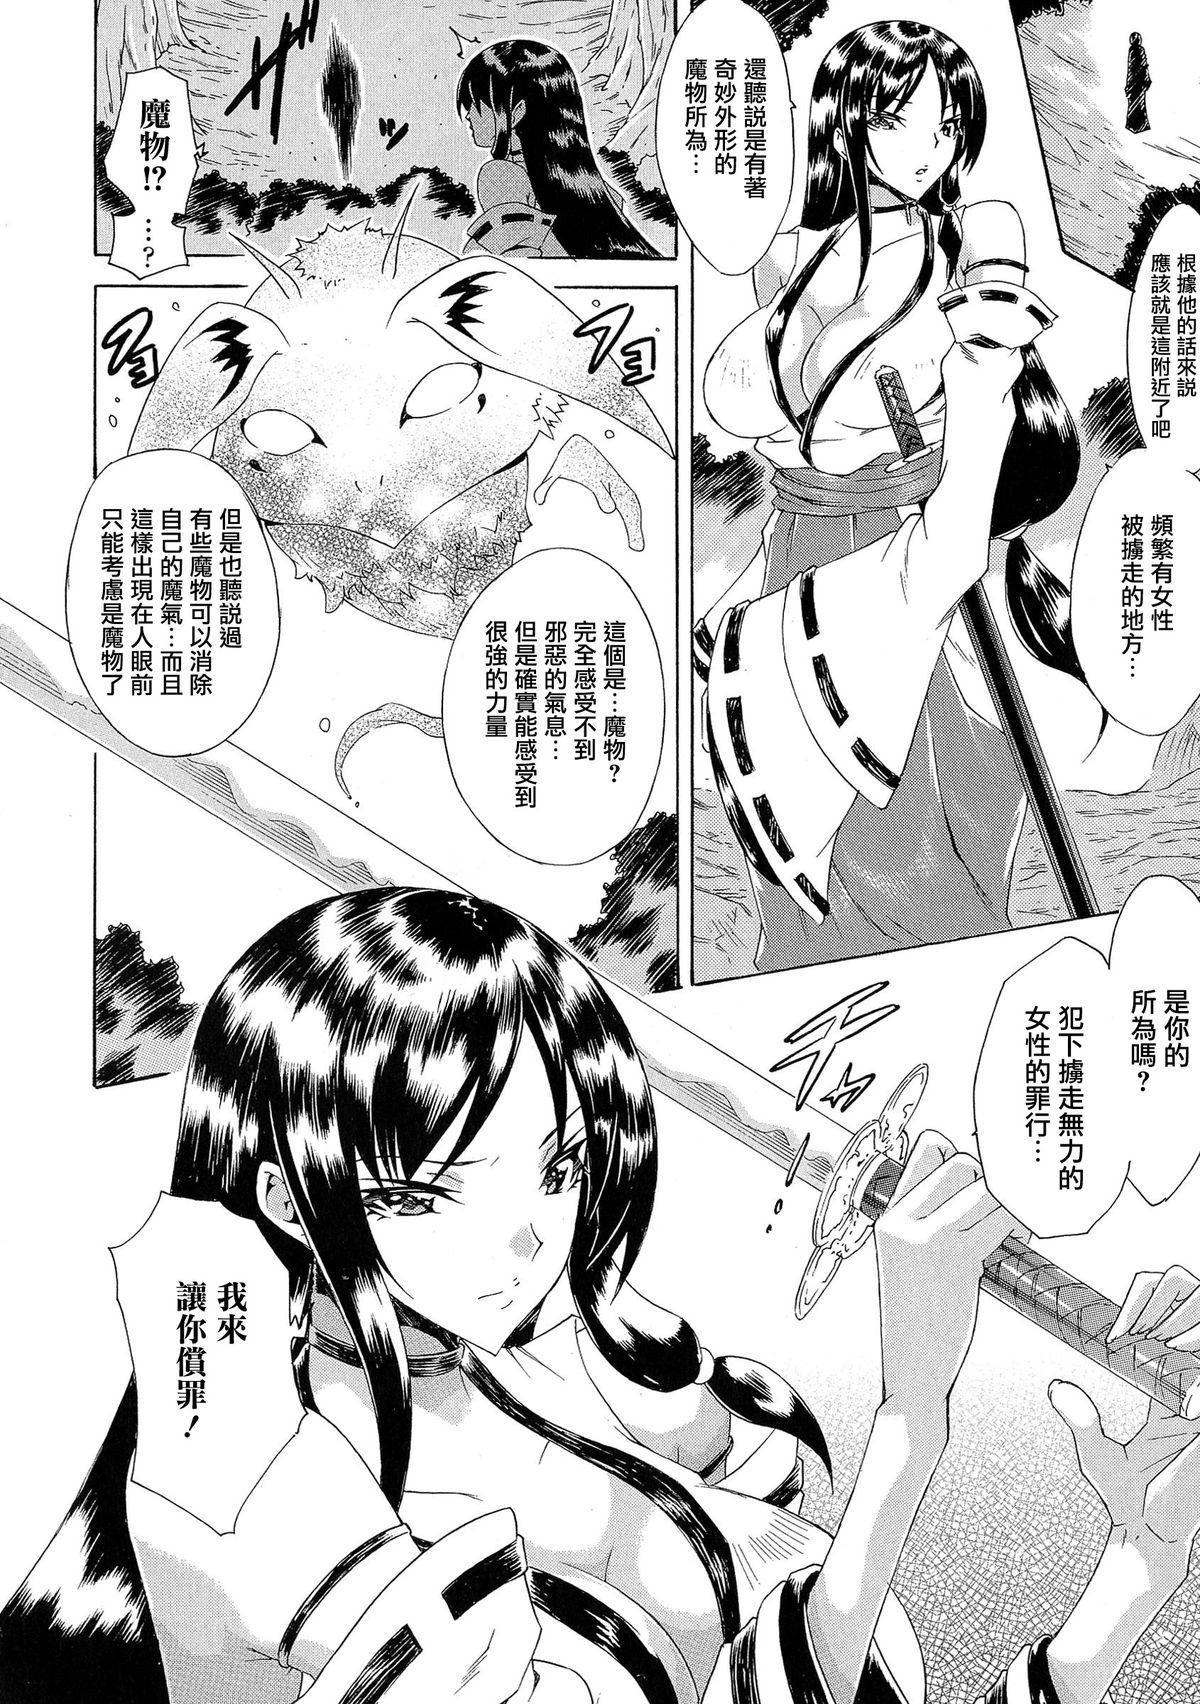 Kachiki na Onna ga Buzama na Ahegao o Sarasu Made 124